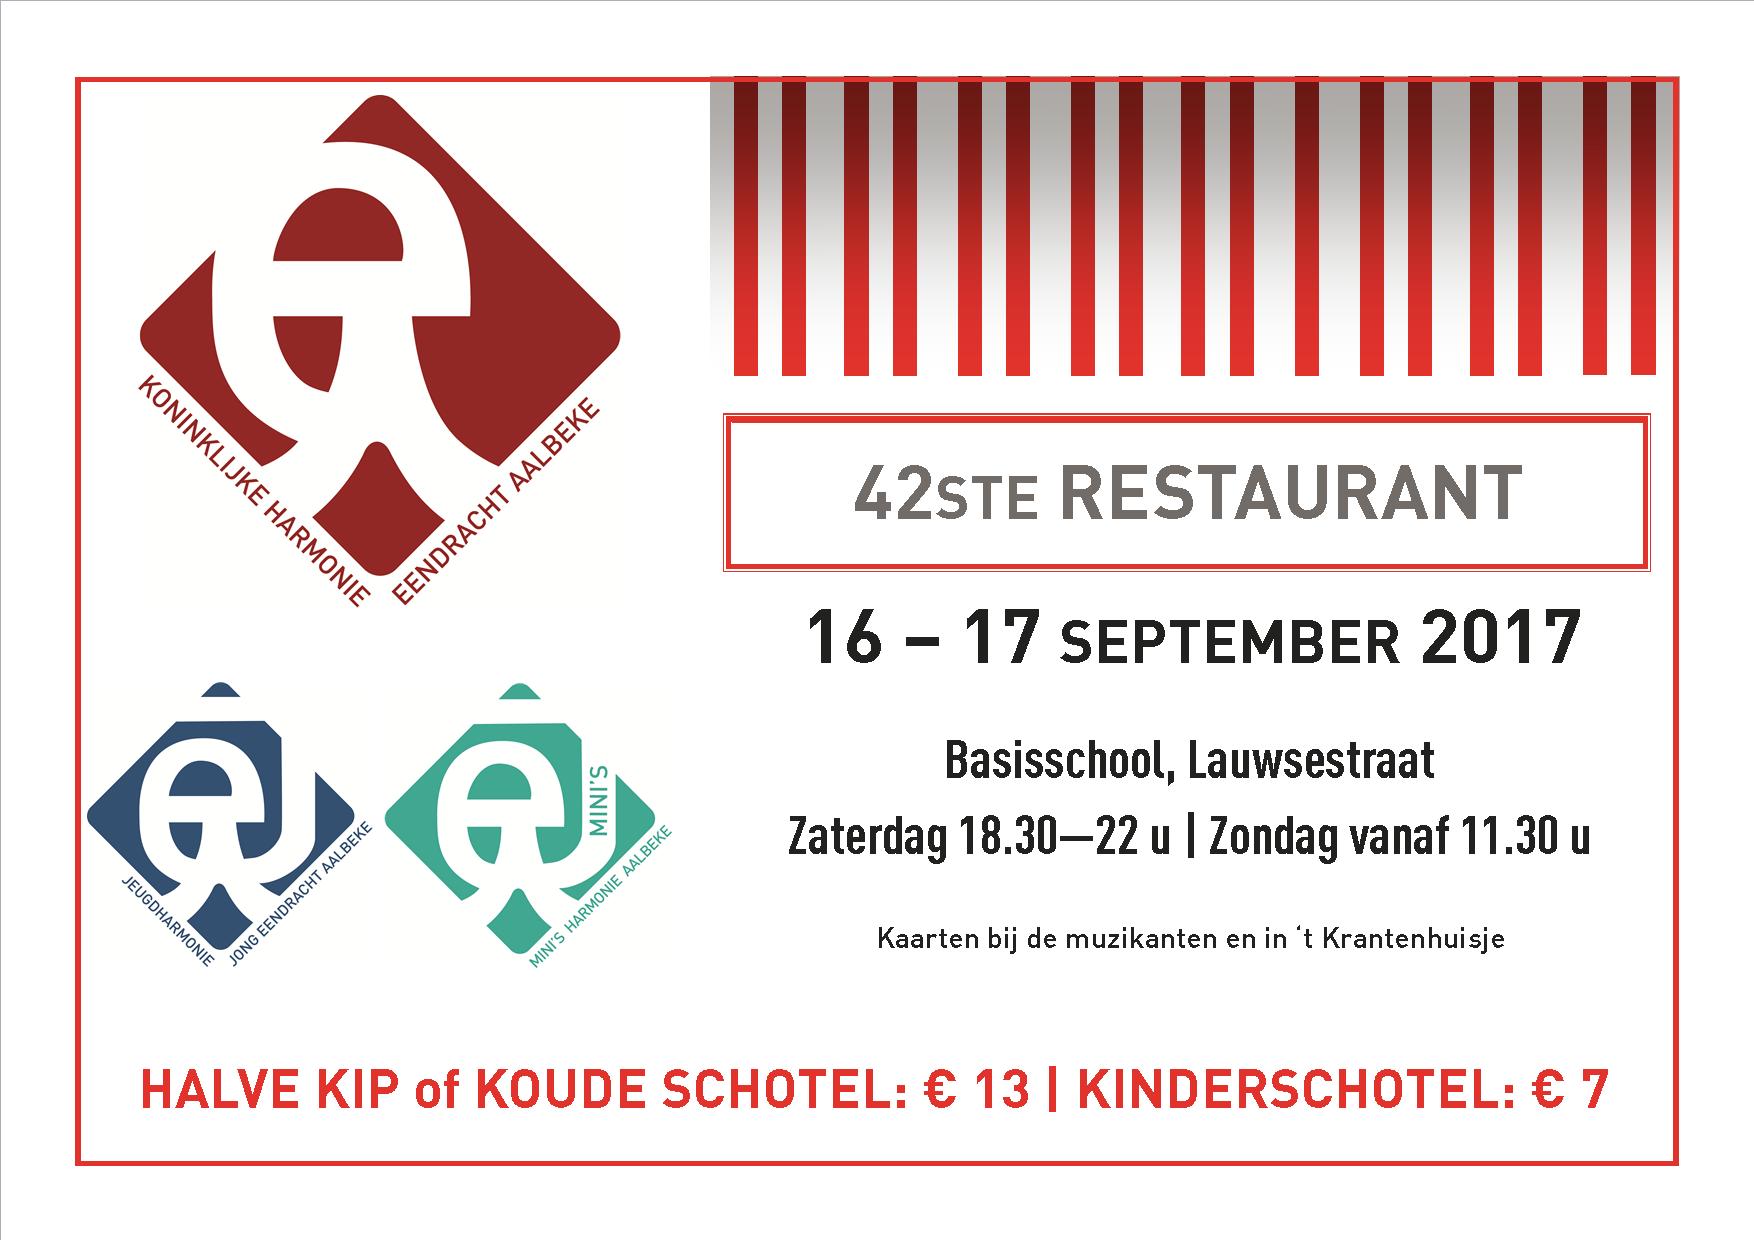 42ste Restaurant